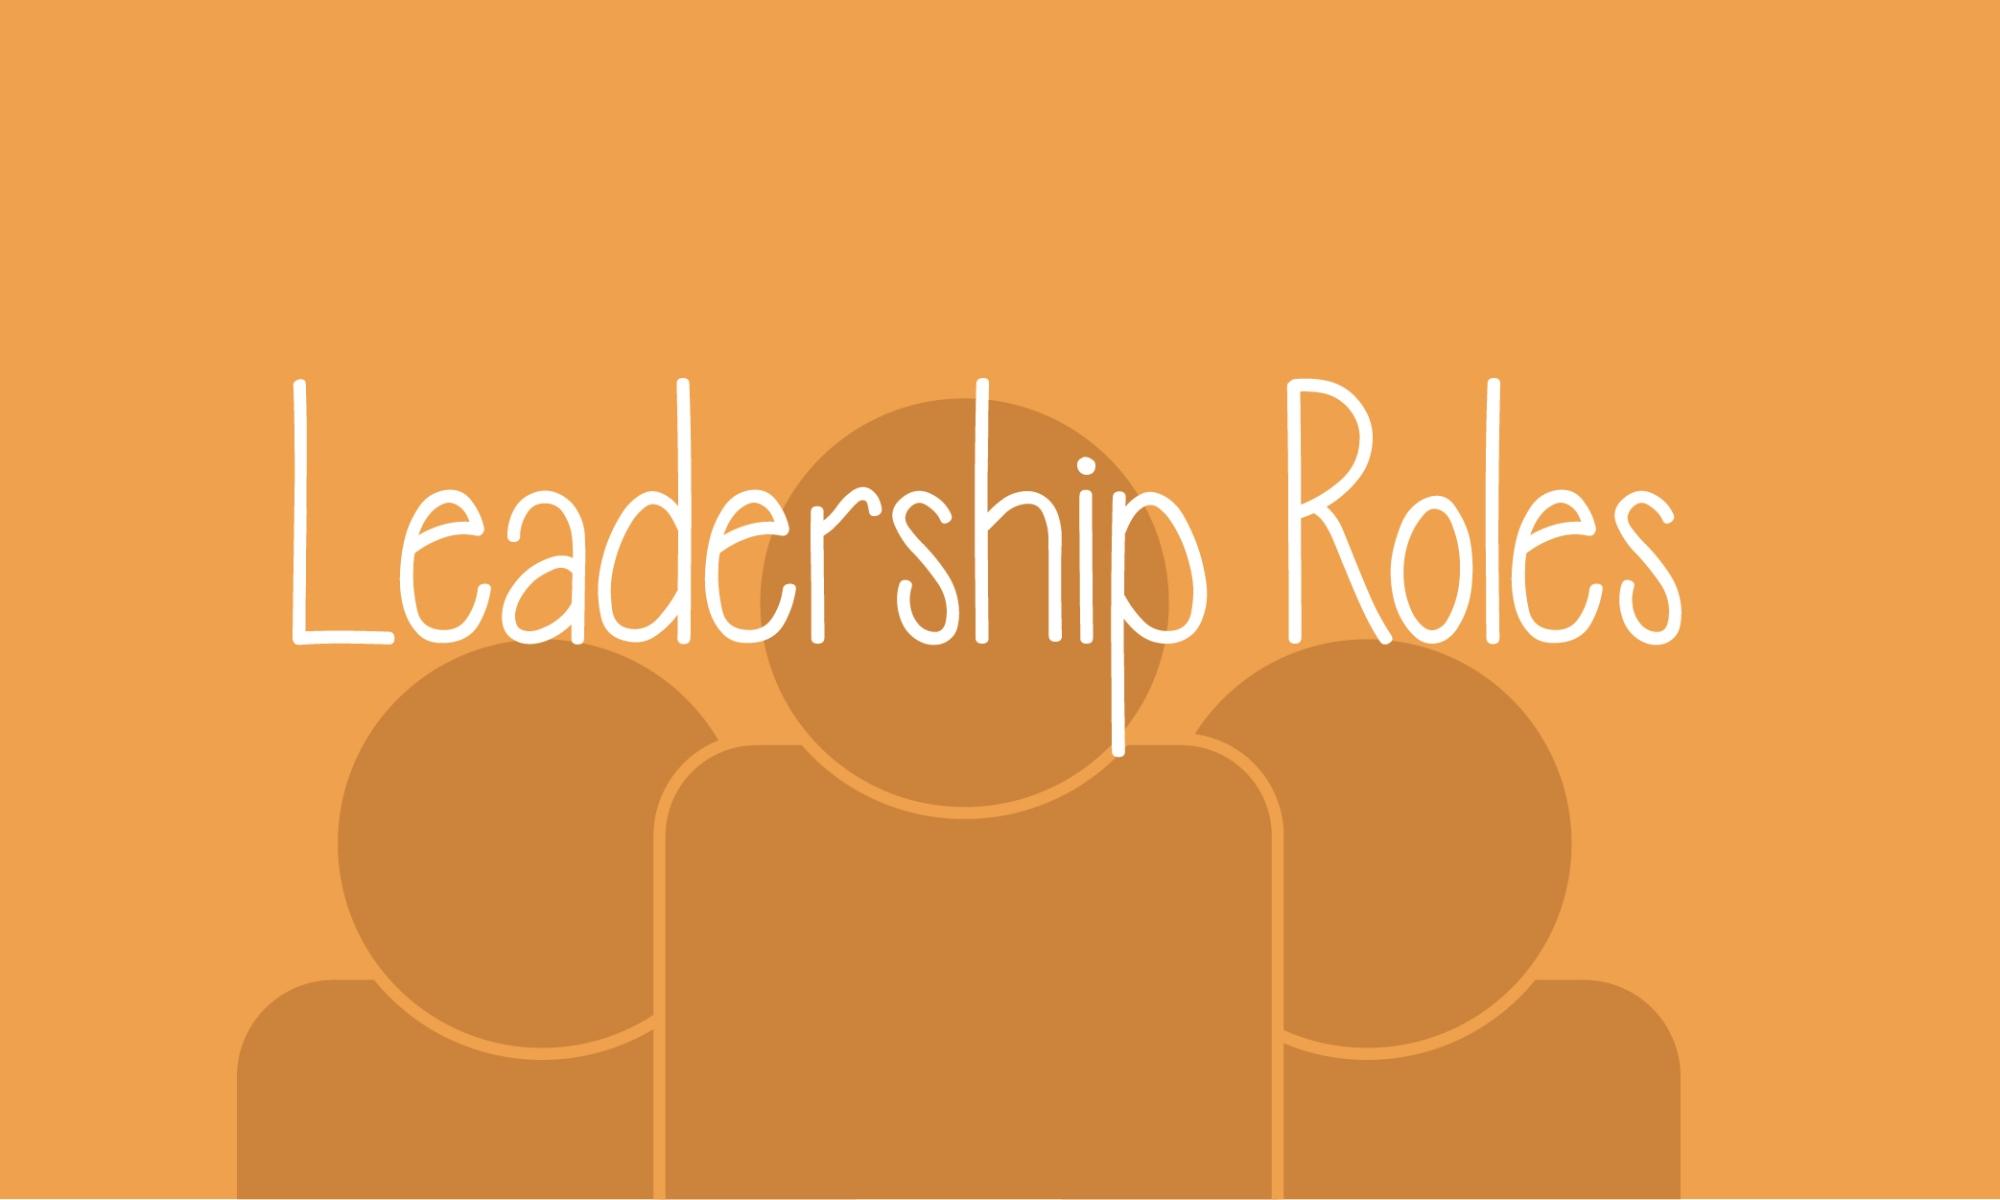 leadership-roles-medical-school-amcas